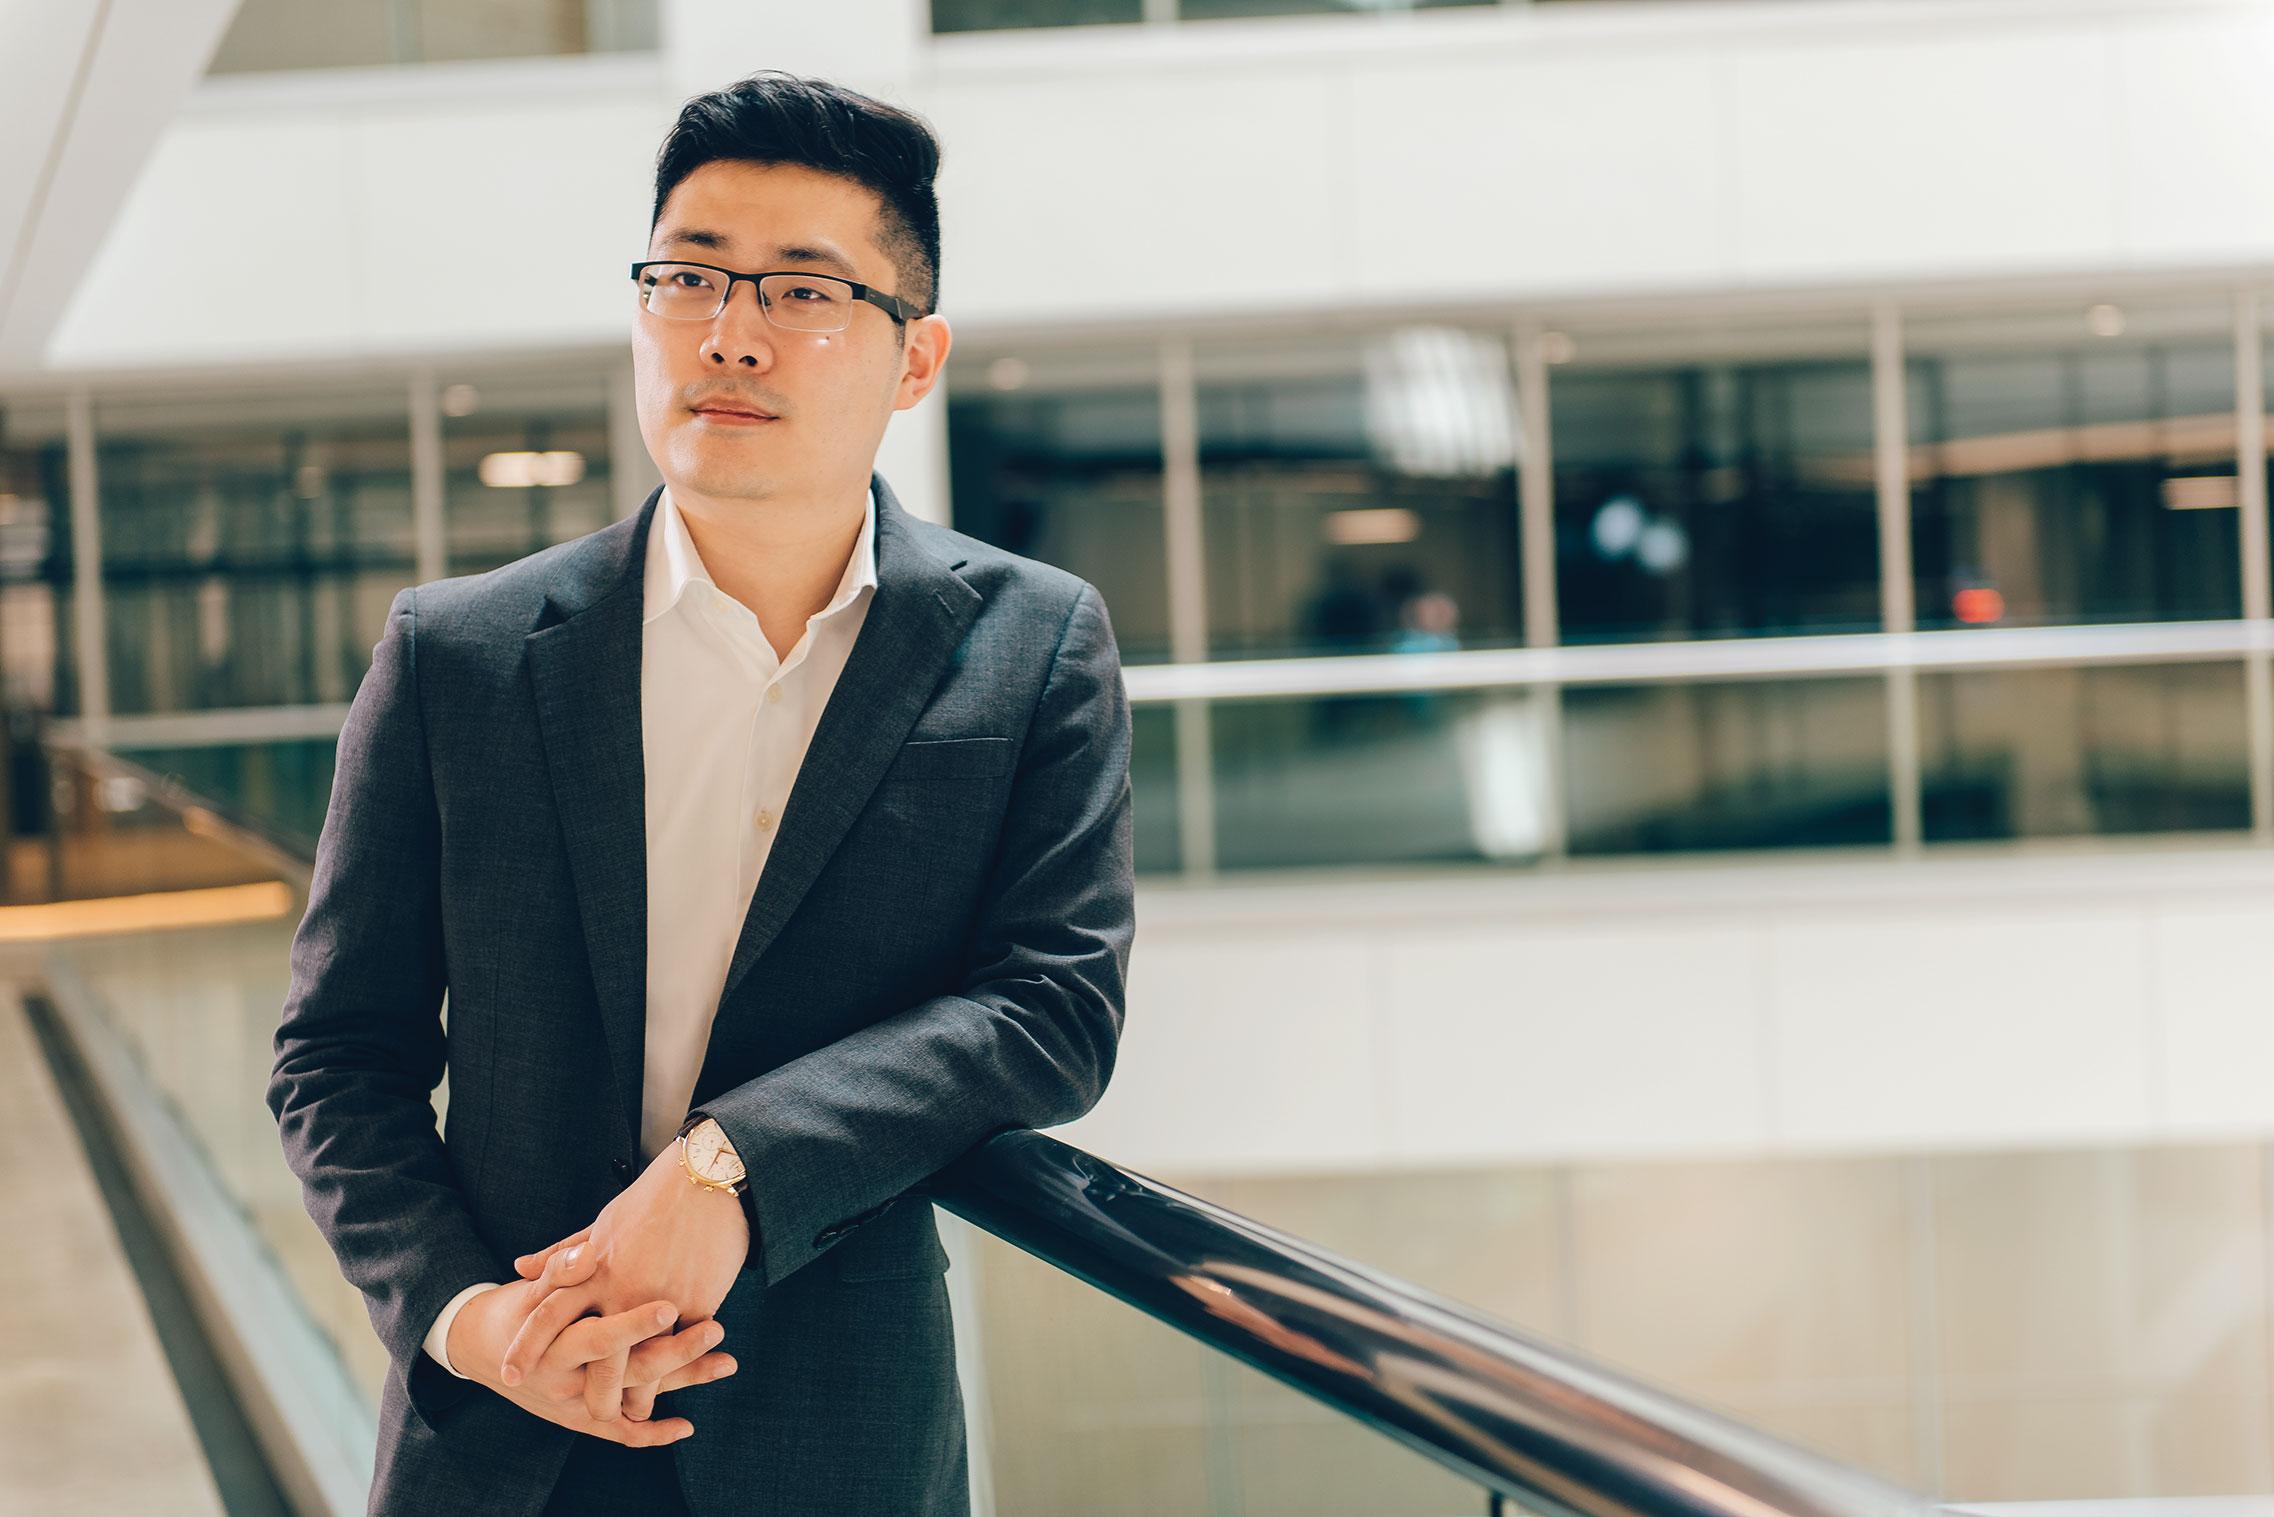 Hwang se ofreció como voluntario para la campaña 2008 de Obama a los 15 años y comenzó FiscalNote a los 21 años.